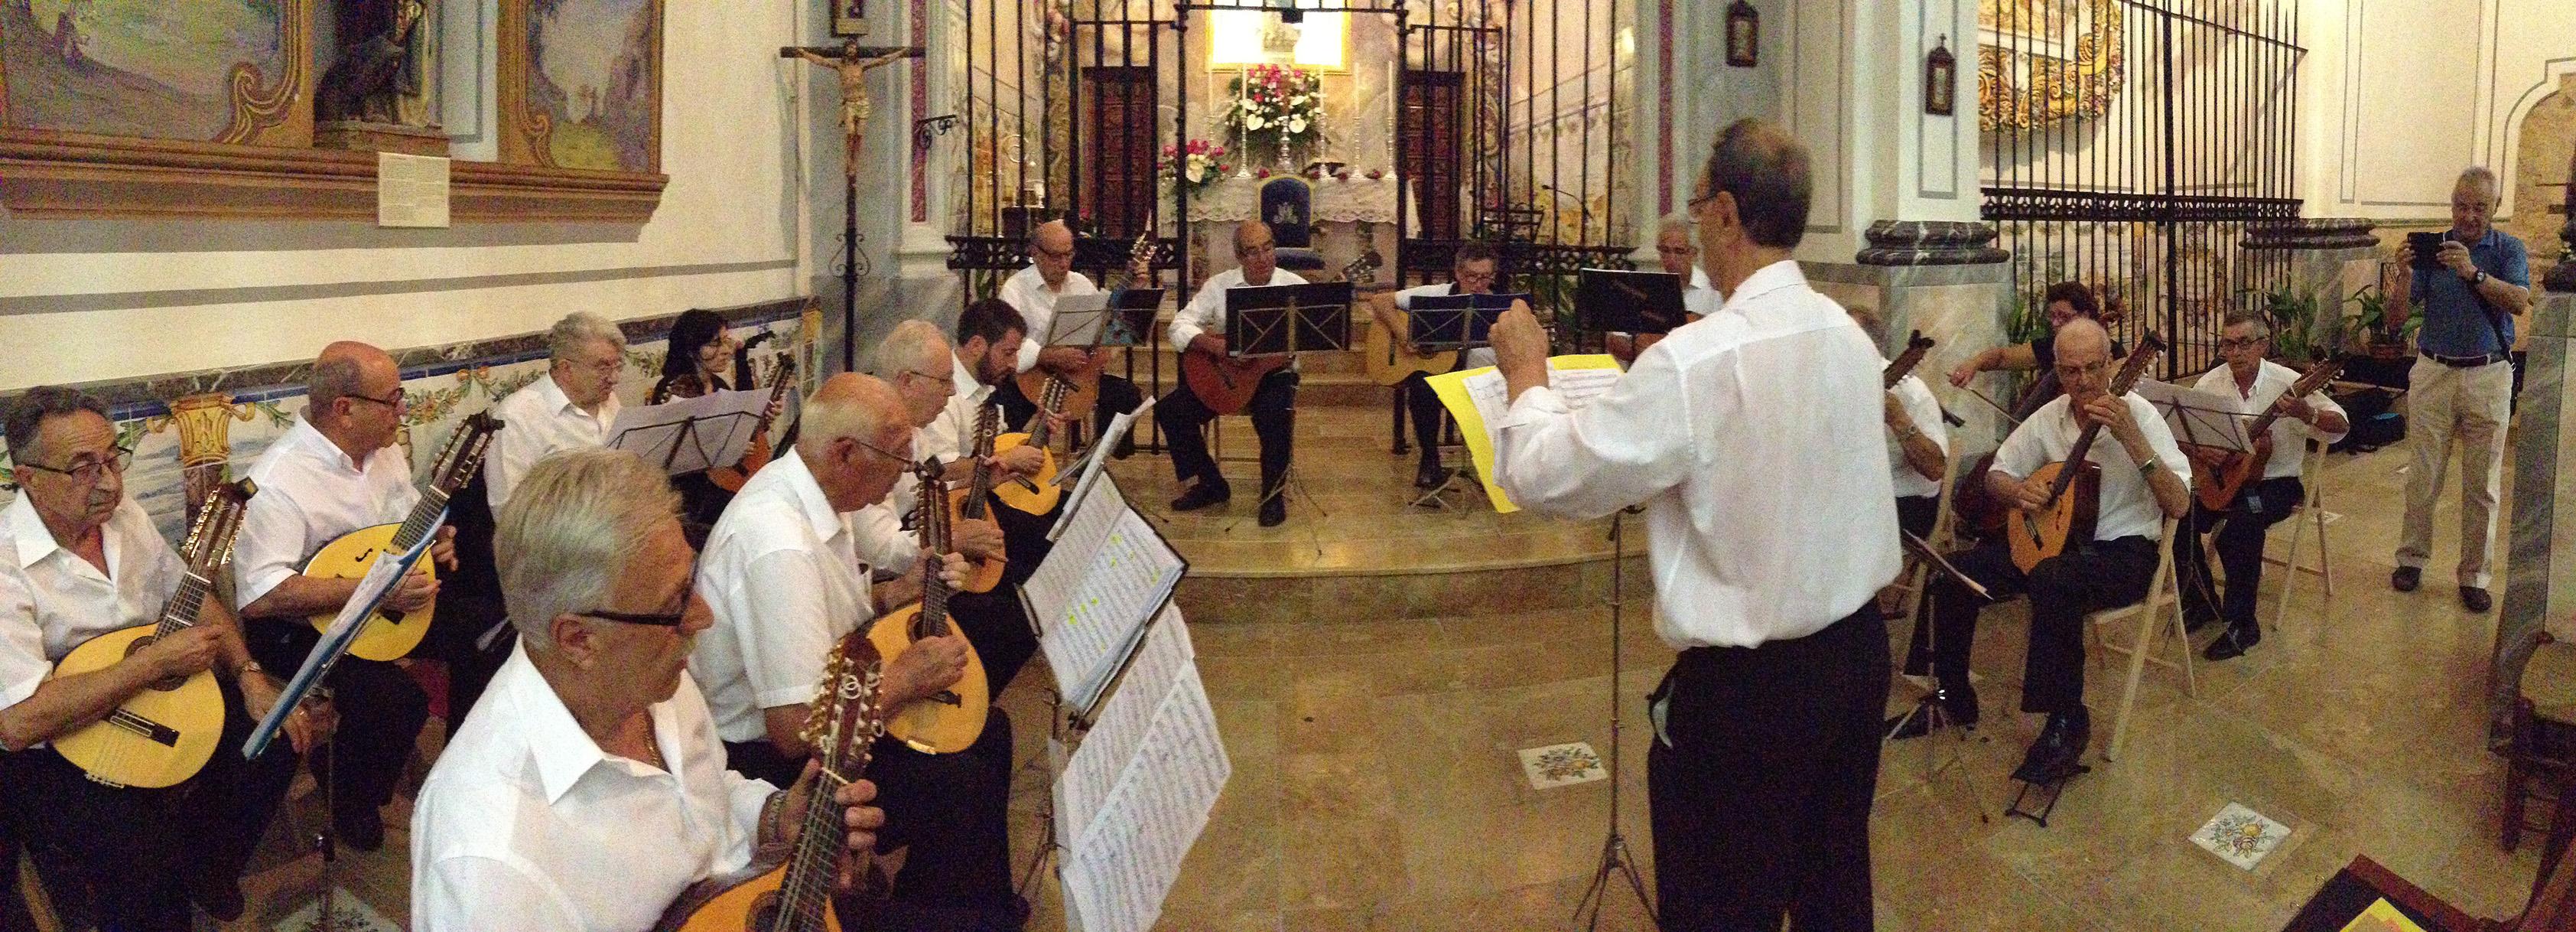 2015-06-21 Concert Lira Convent Agres (10)